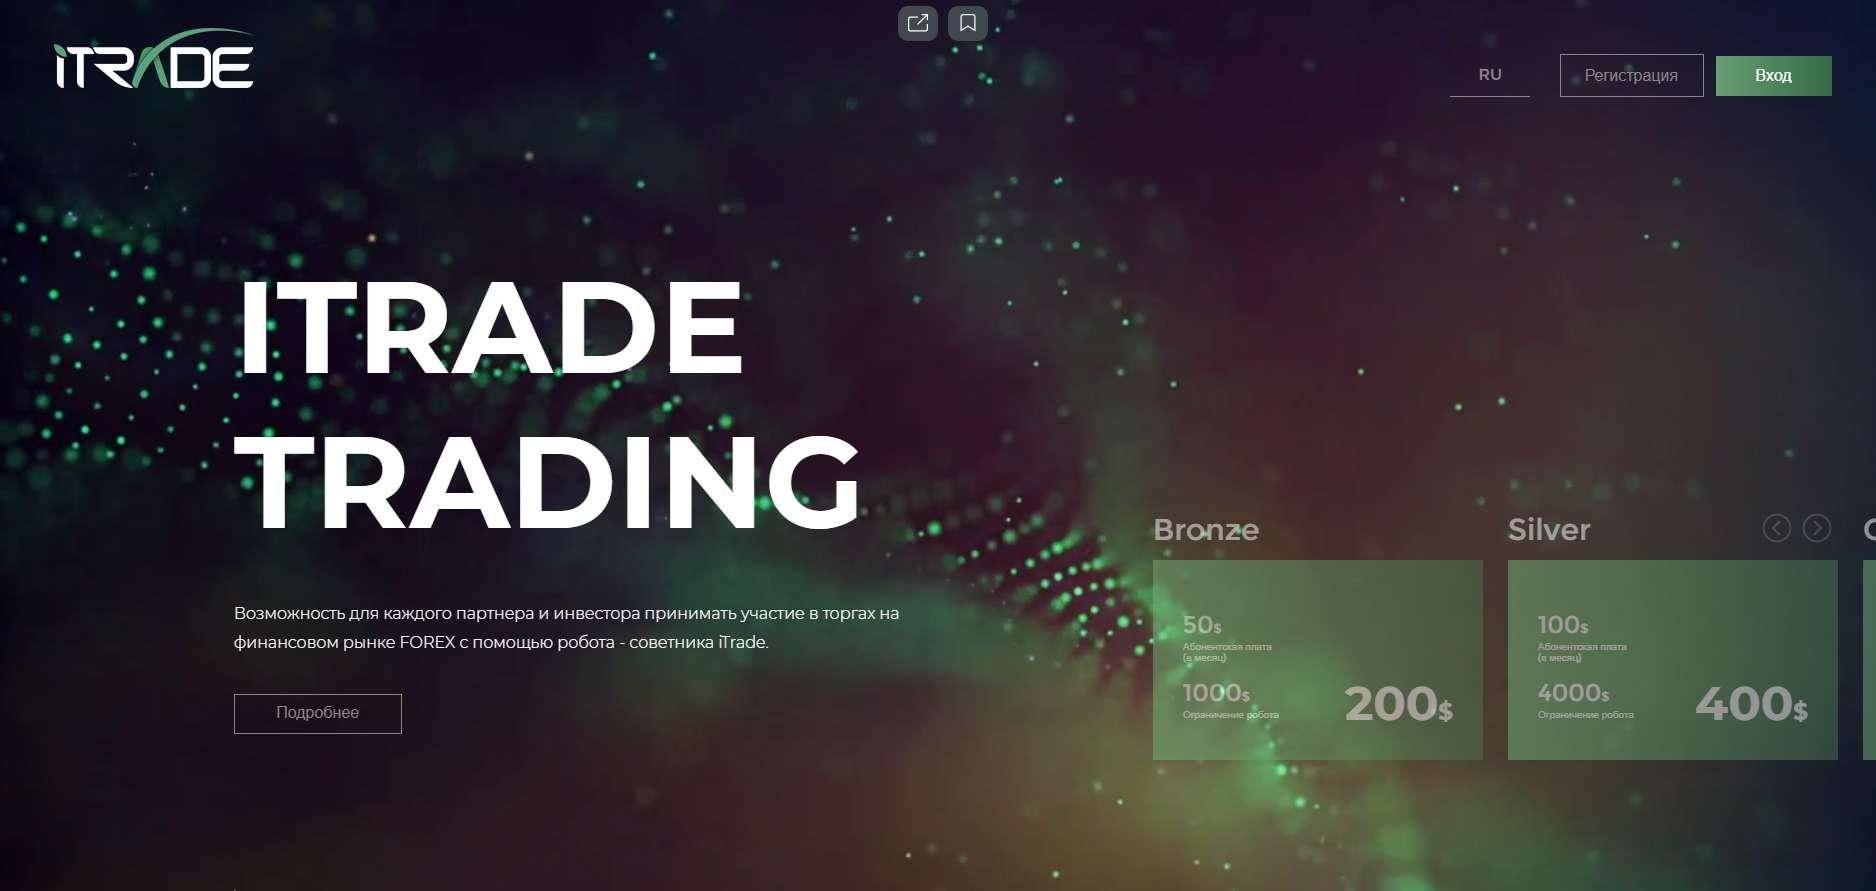 Обзор ITRADE TRADING - проект достаточно мутный, похоже лохотрон.